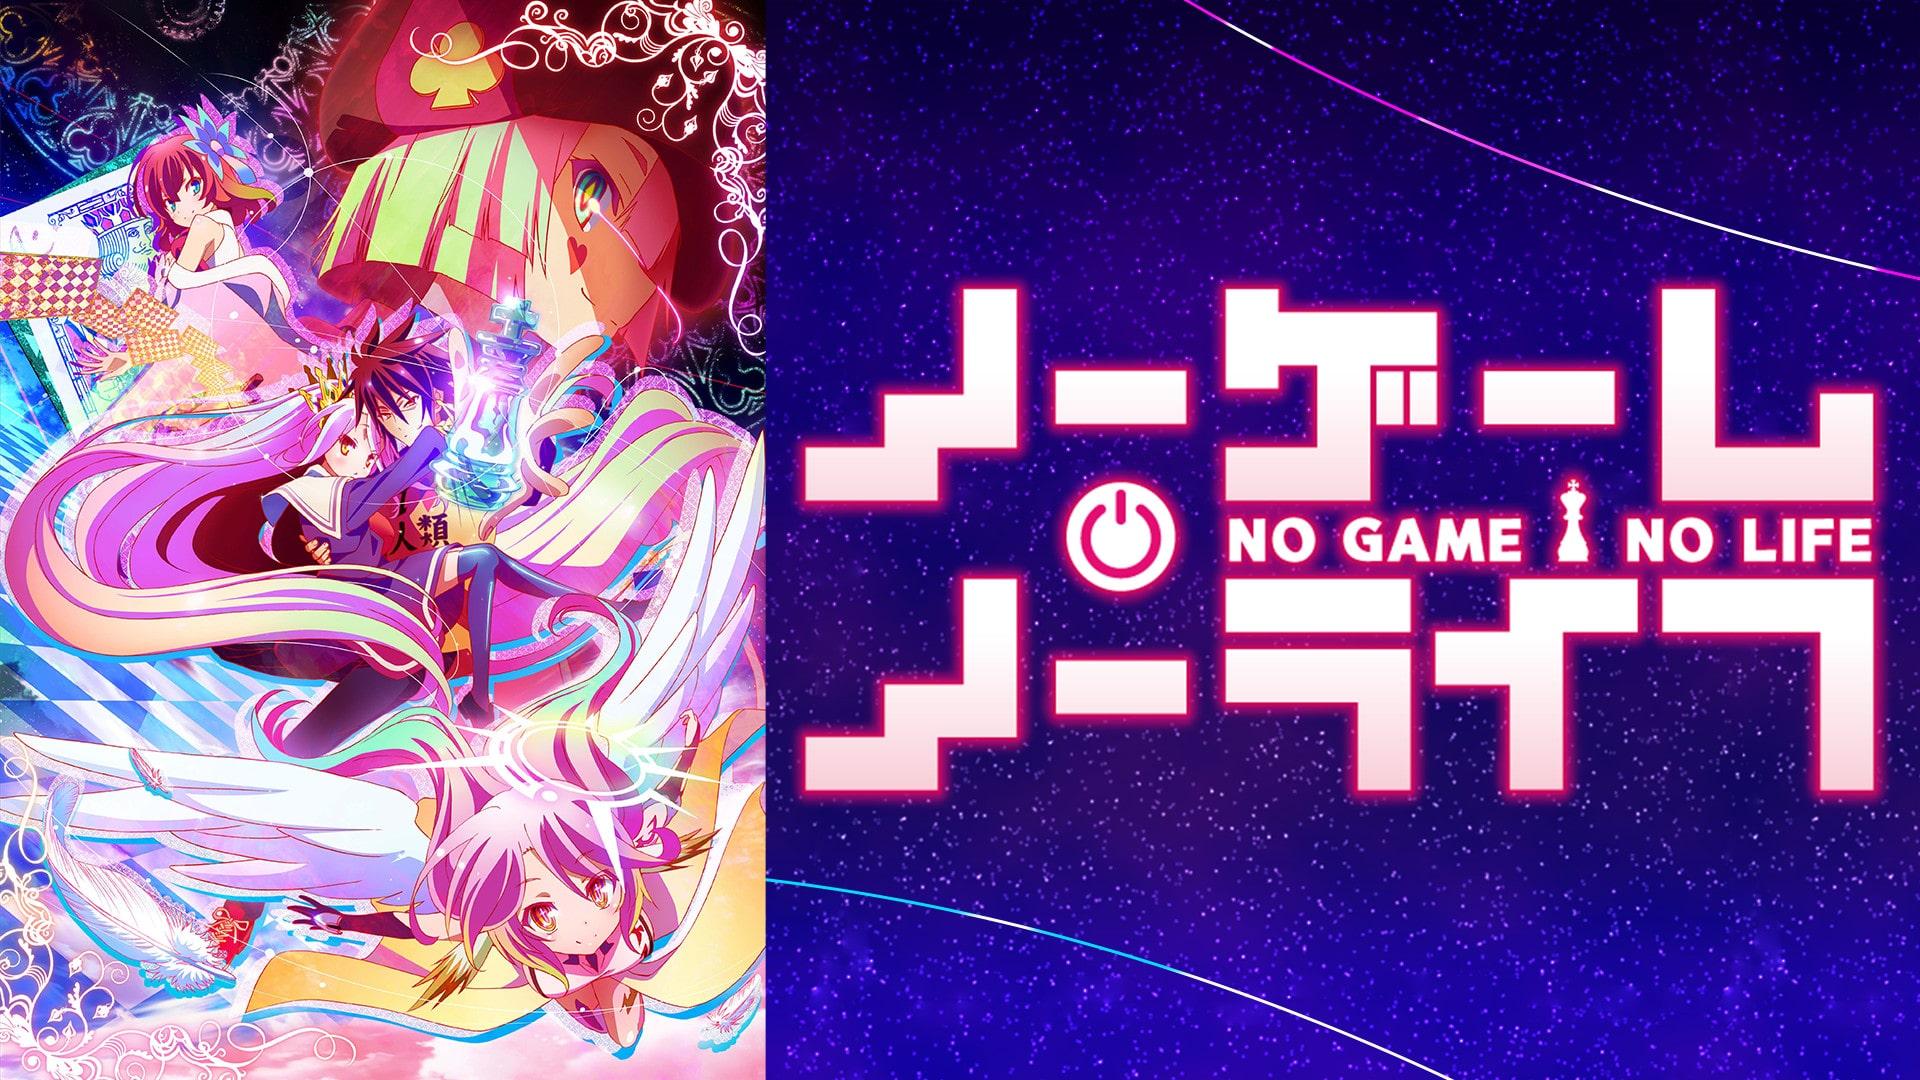 ノーゲーム・ノーライフ